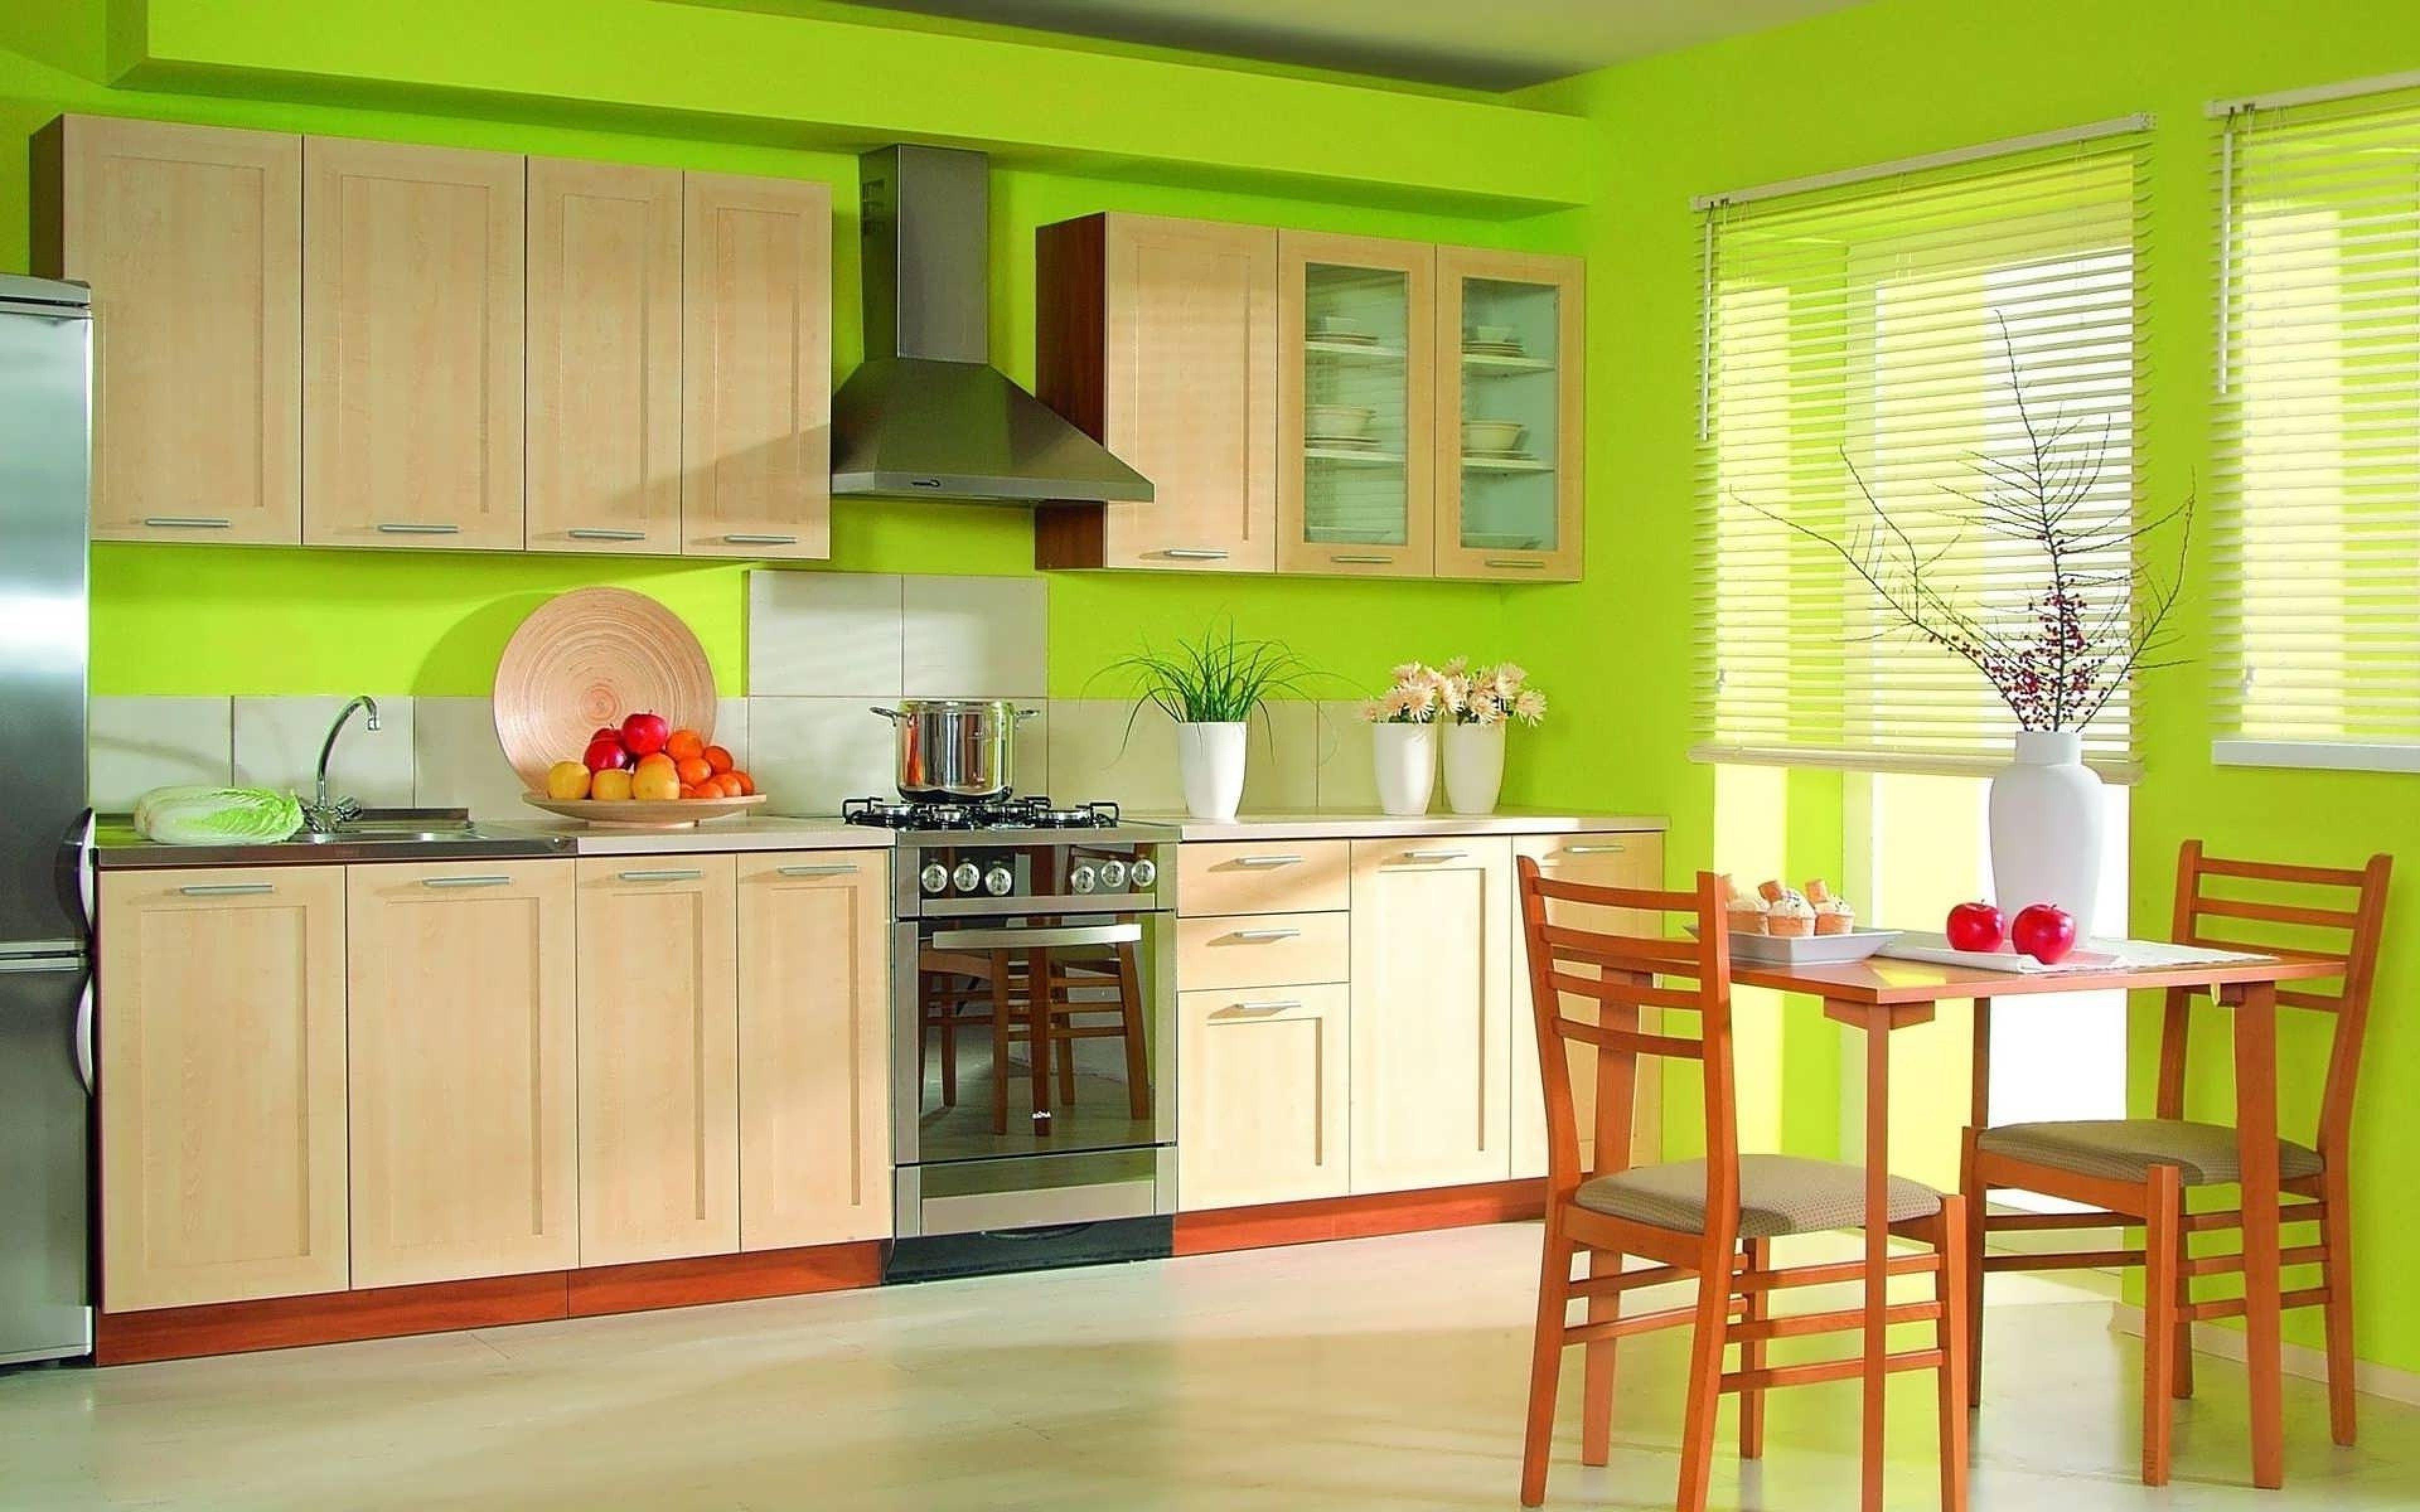 Kertas Dinding Hijau Di Dapur 41 Gambar Reka Bentuk Warna Hijau Dan Putih Untuk Dinding Dan Langsir Ke Set Dapur